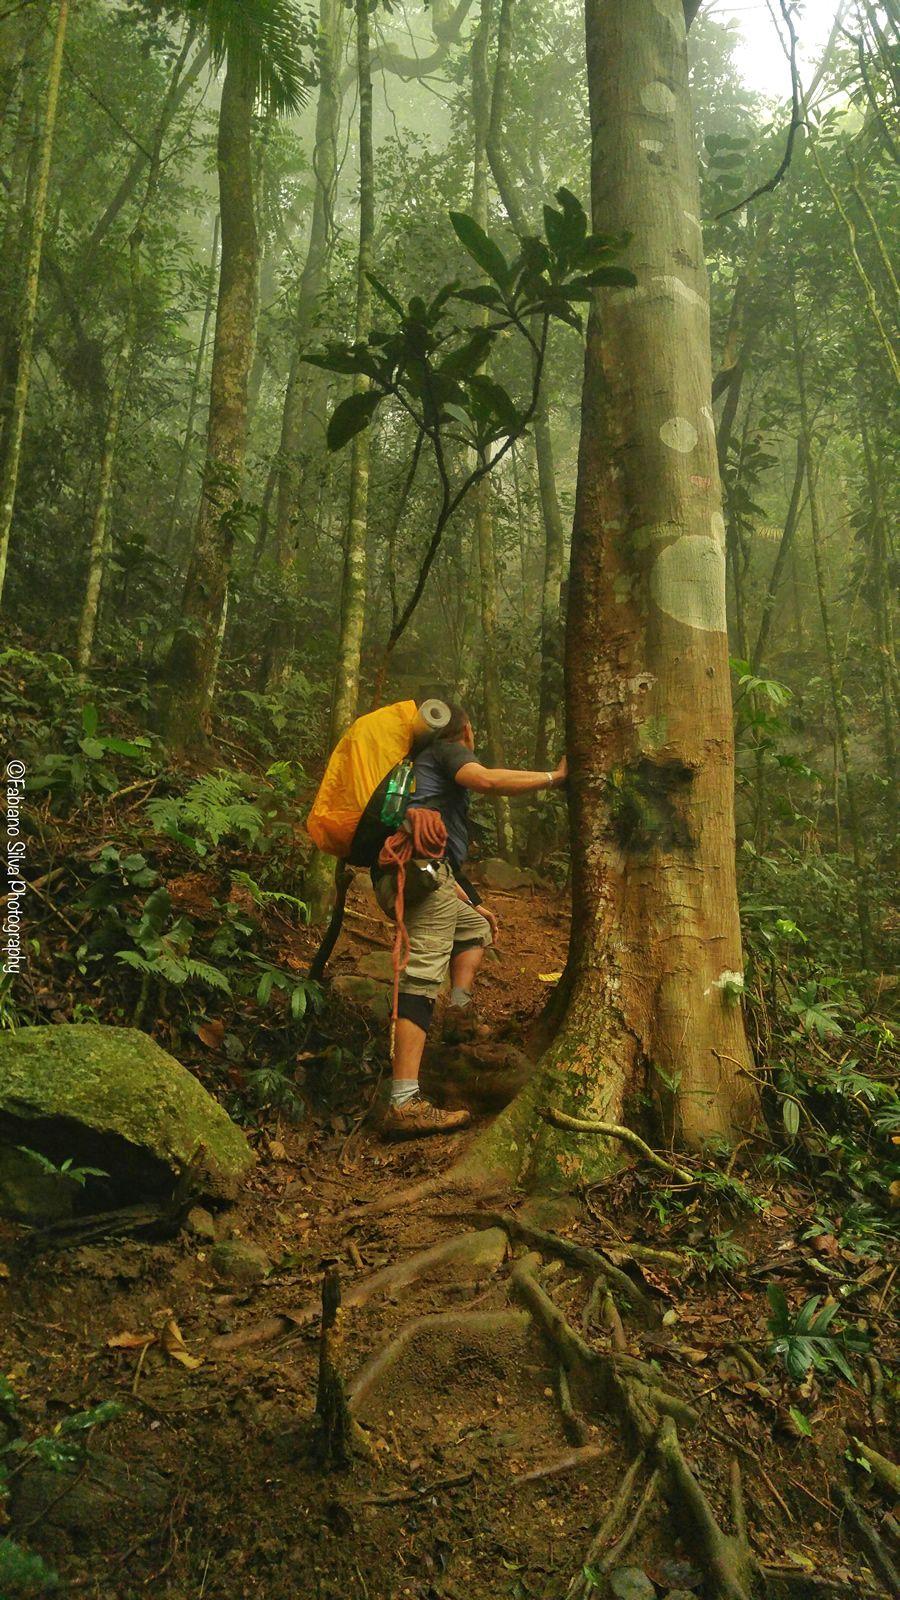 Pedra Da Gavea Via Pico Dos 4 Parque Da Tijuca Rj Fotos Do